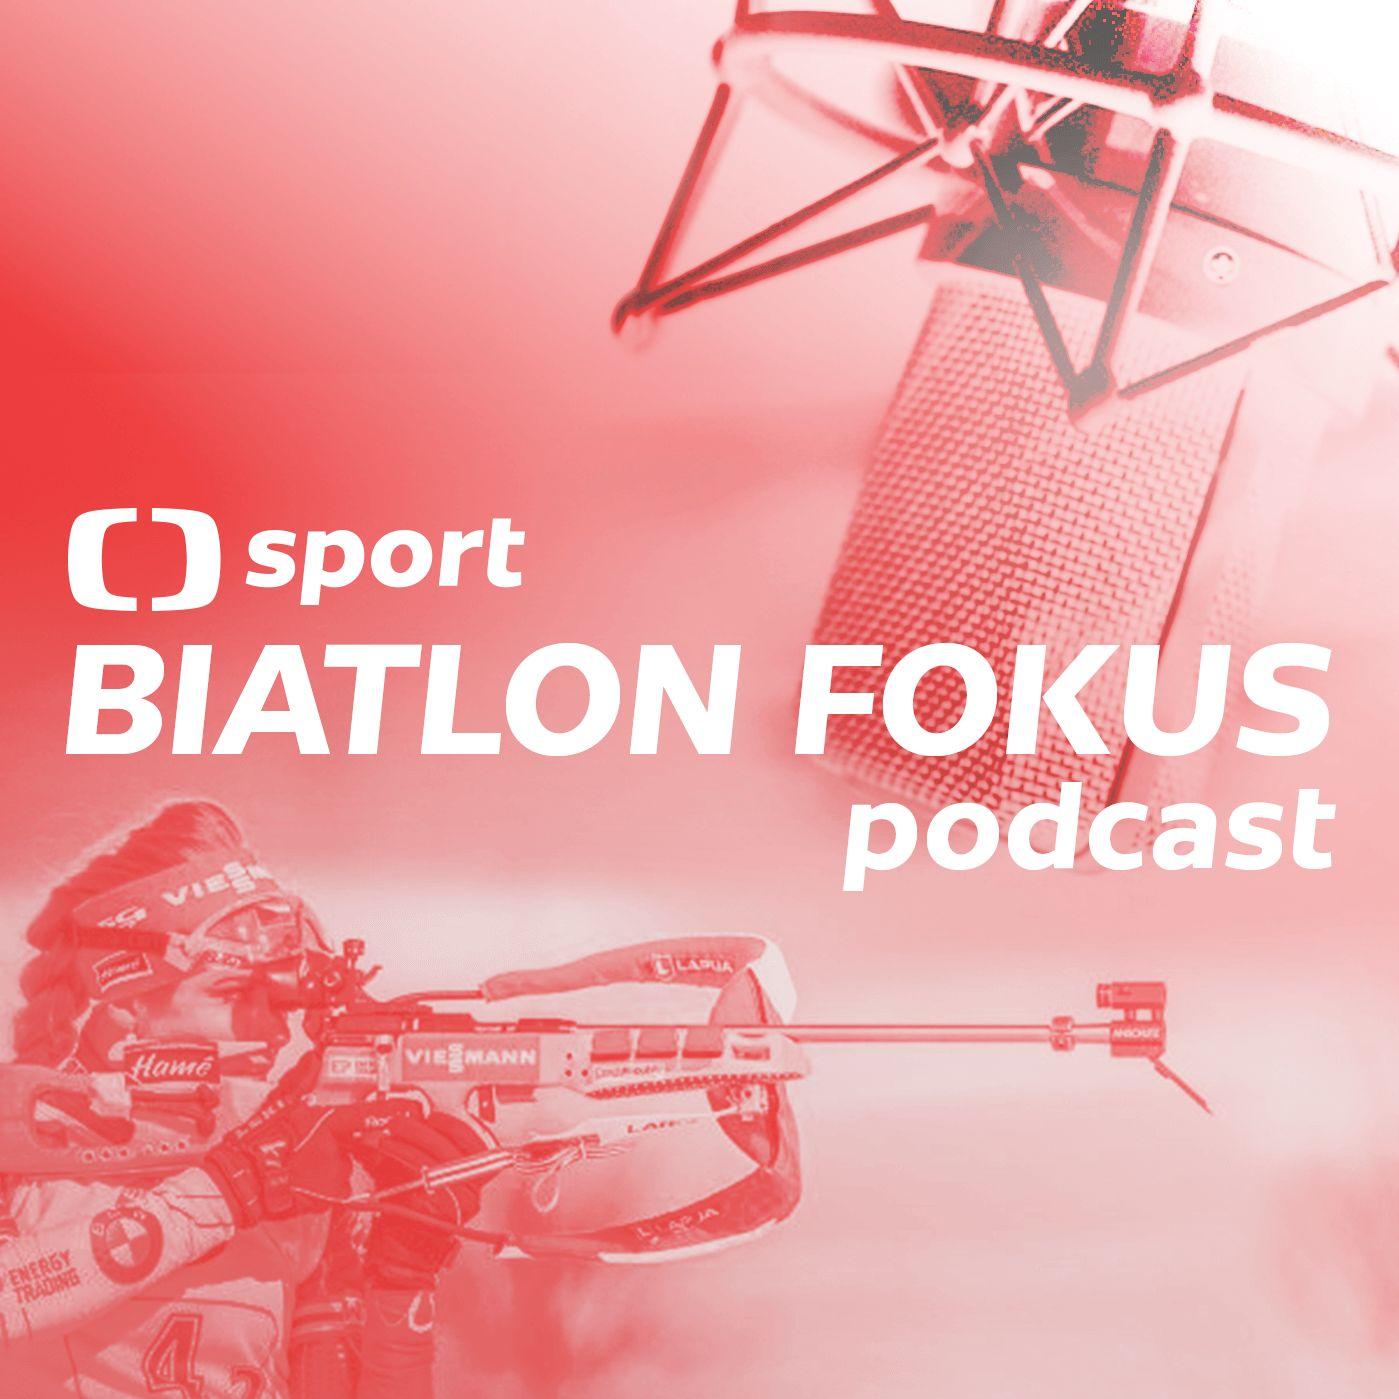 Biatlon fokus podcast: Co stojí za českými úspěchy a přijdou i za rok na olympiádě?